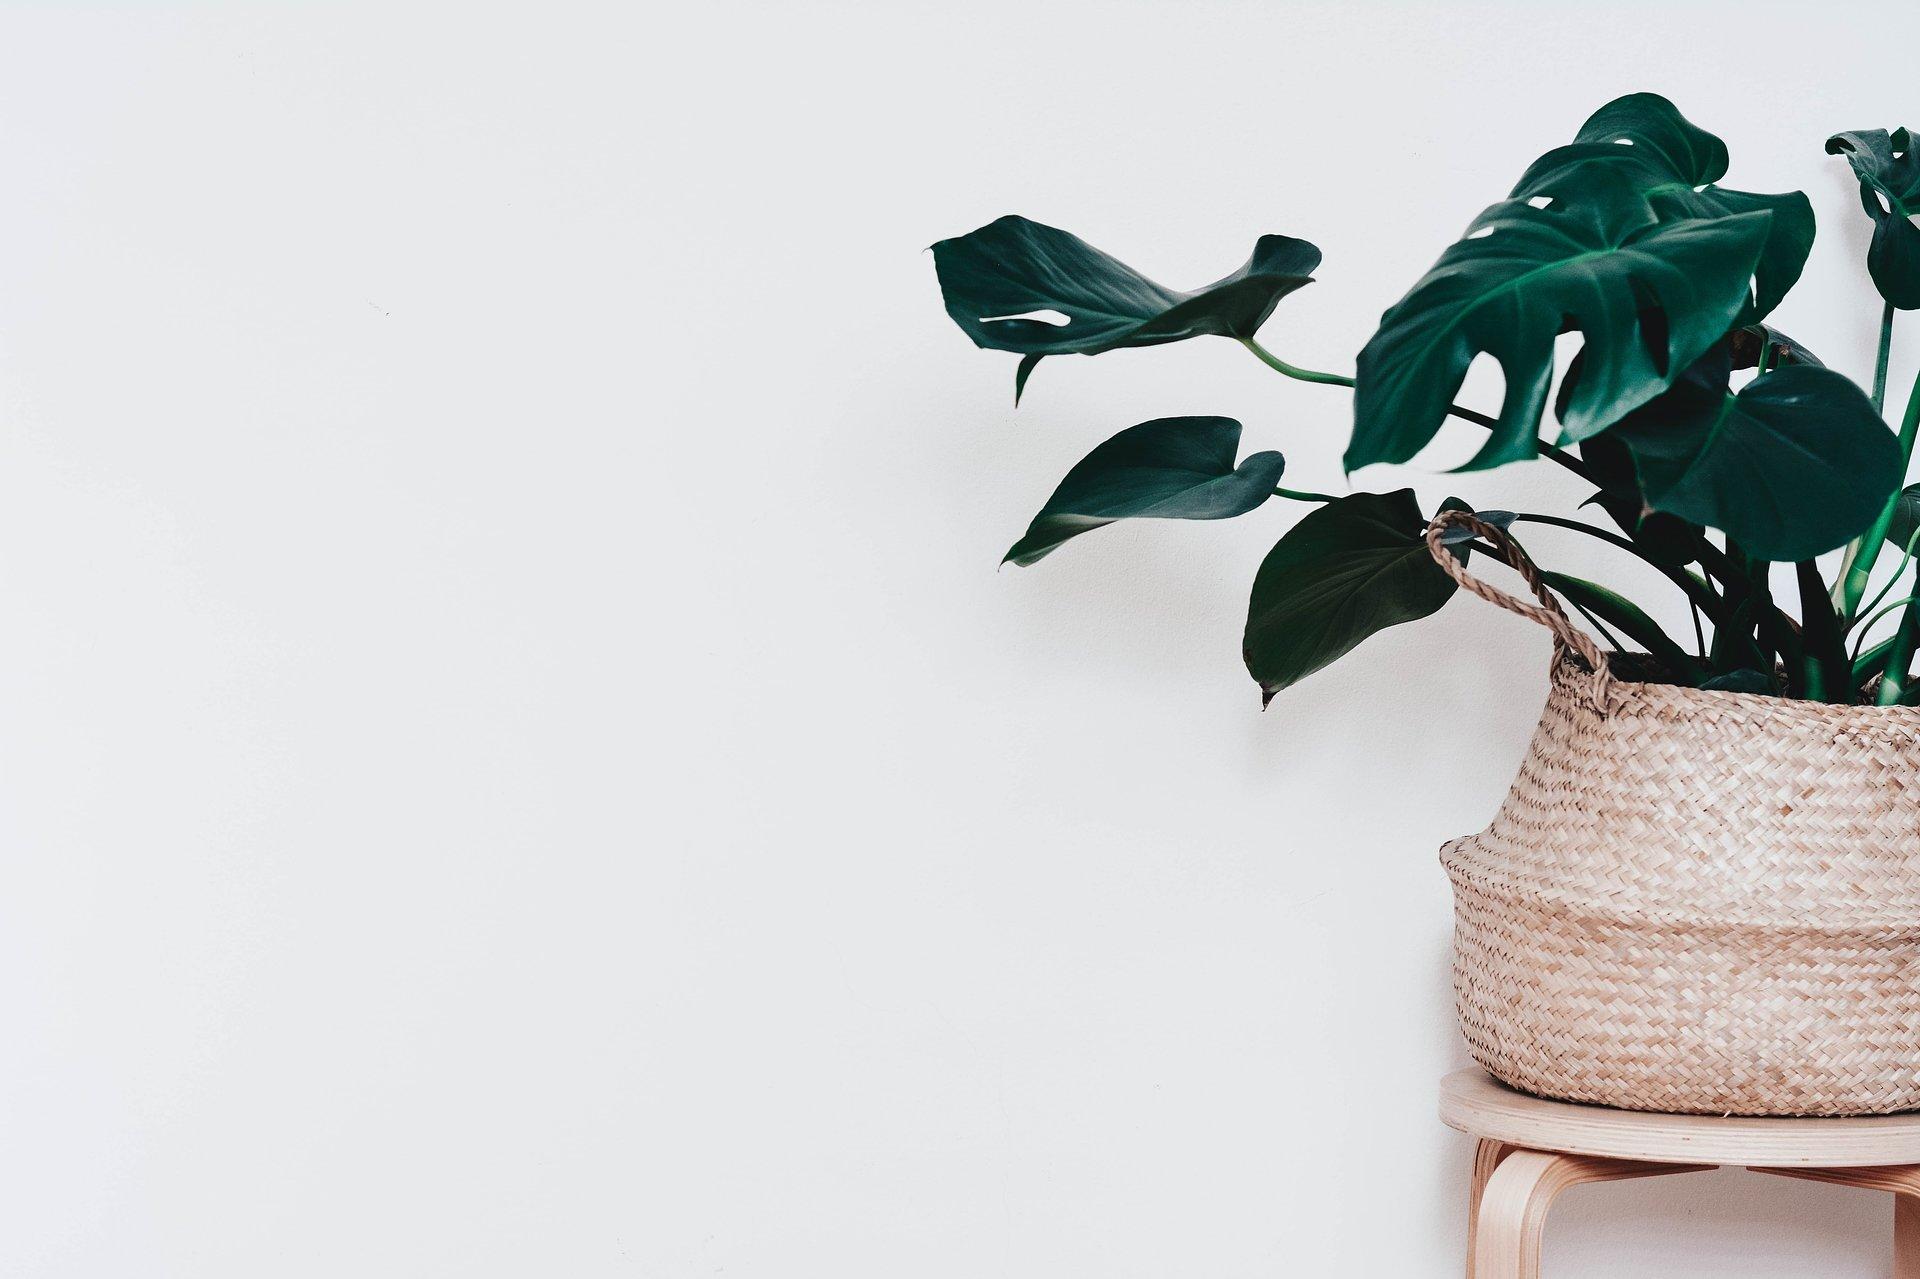 Playlists für die Lieblingspflanzen: Spotify Daten zeigen weltweiten Trend